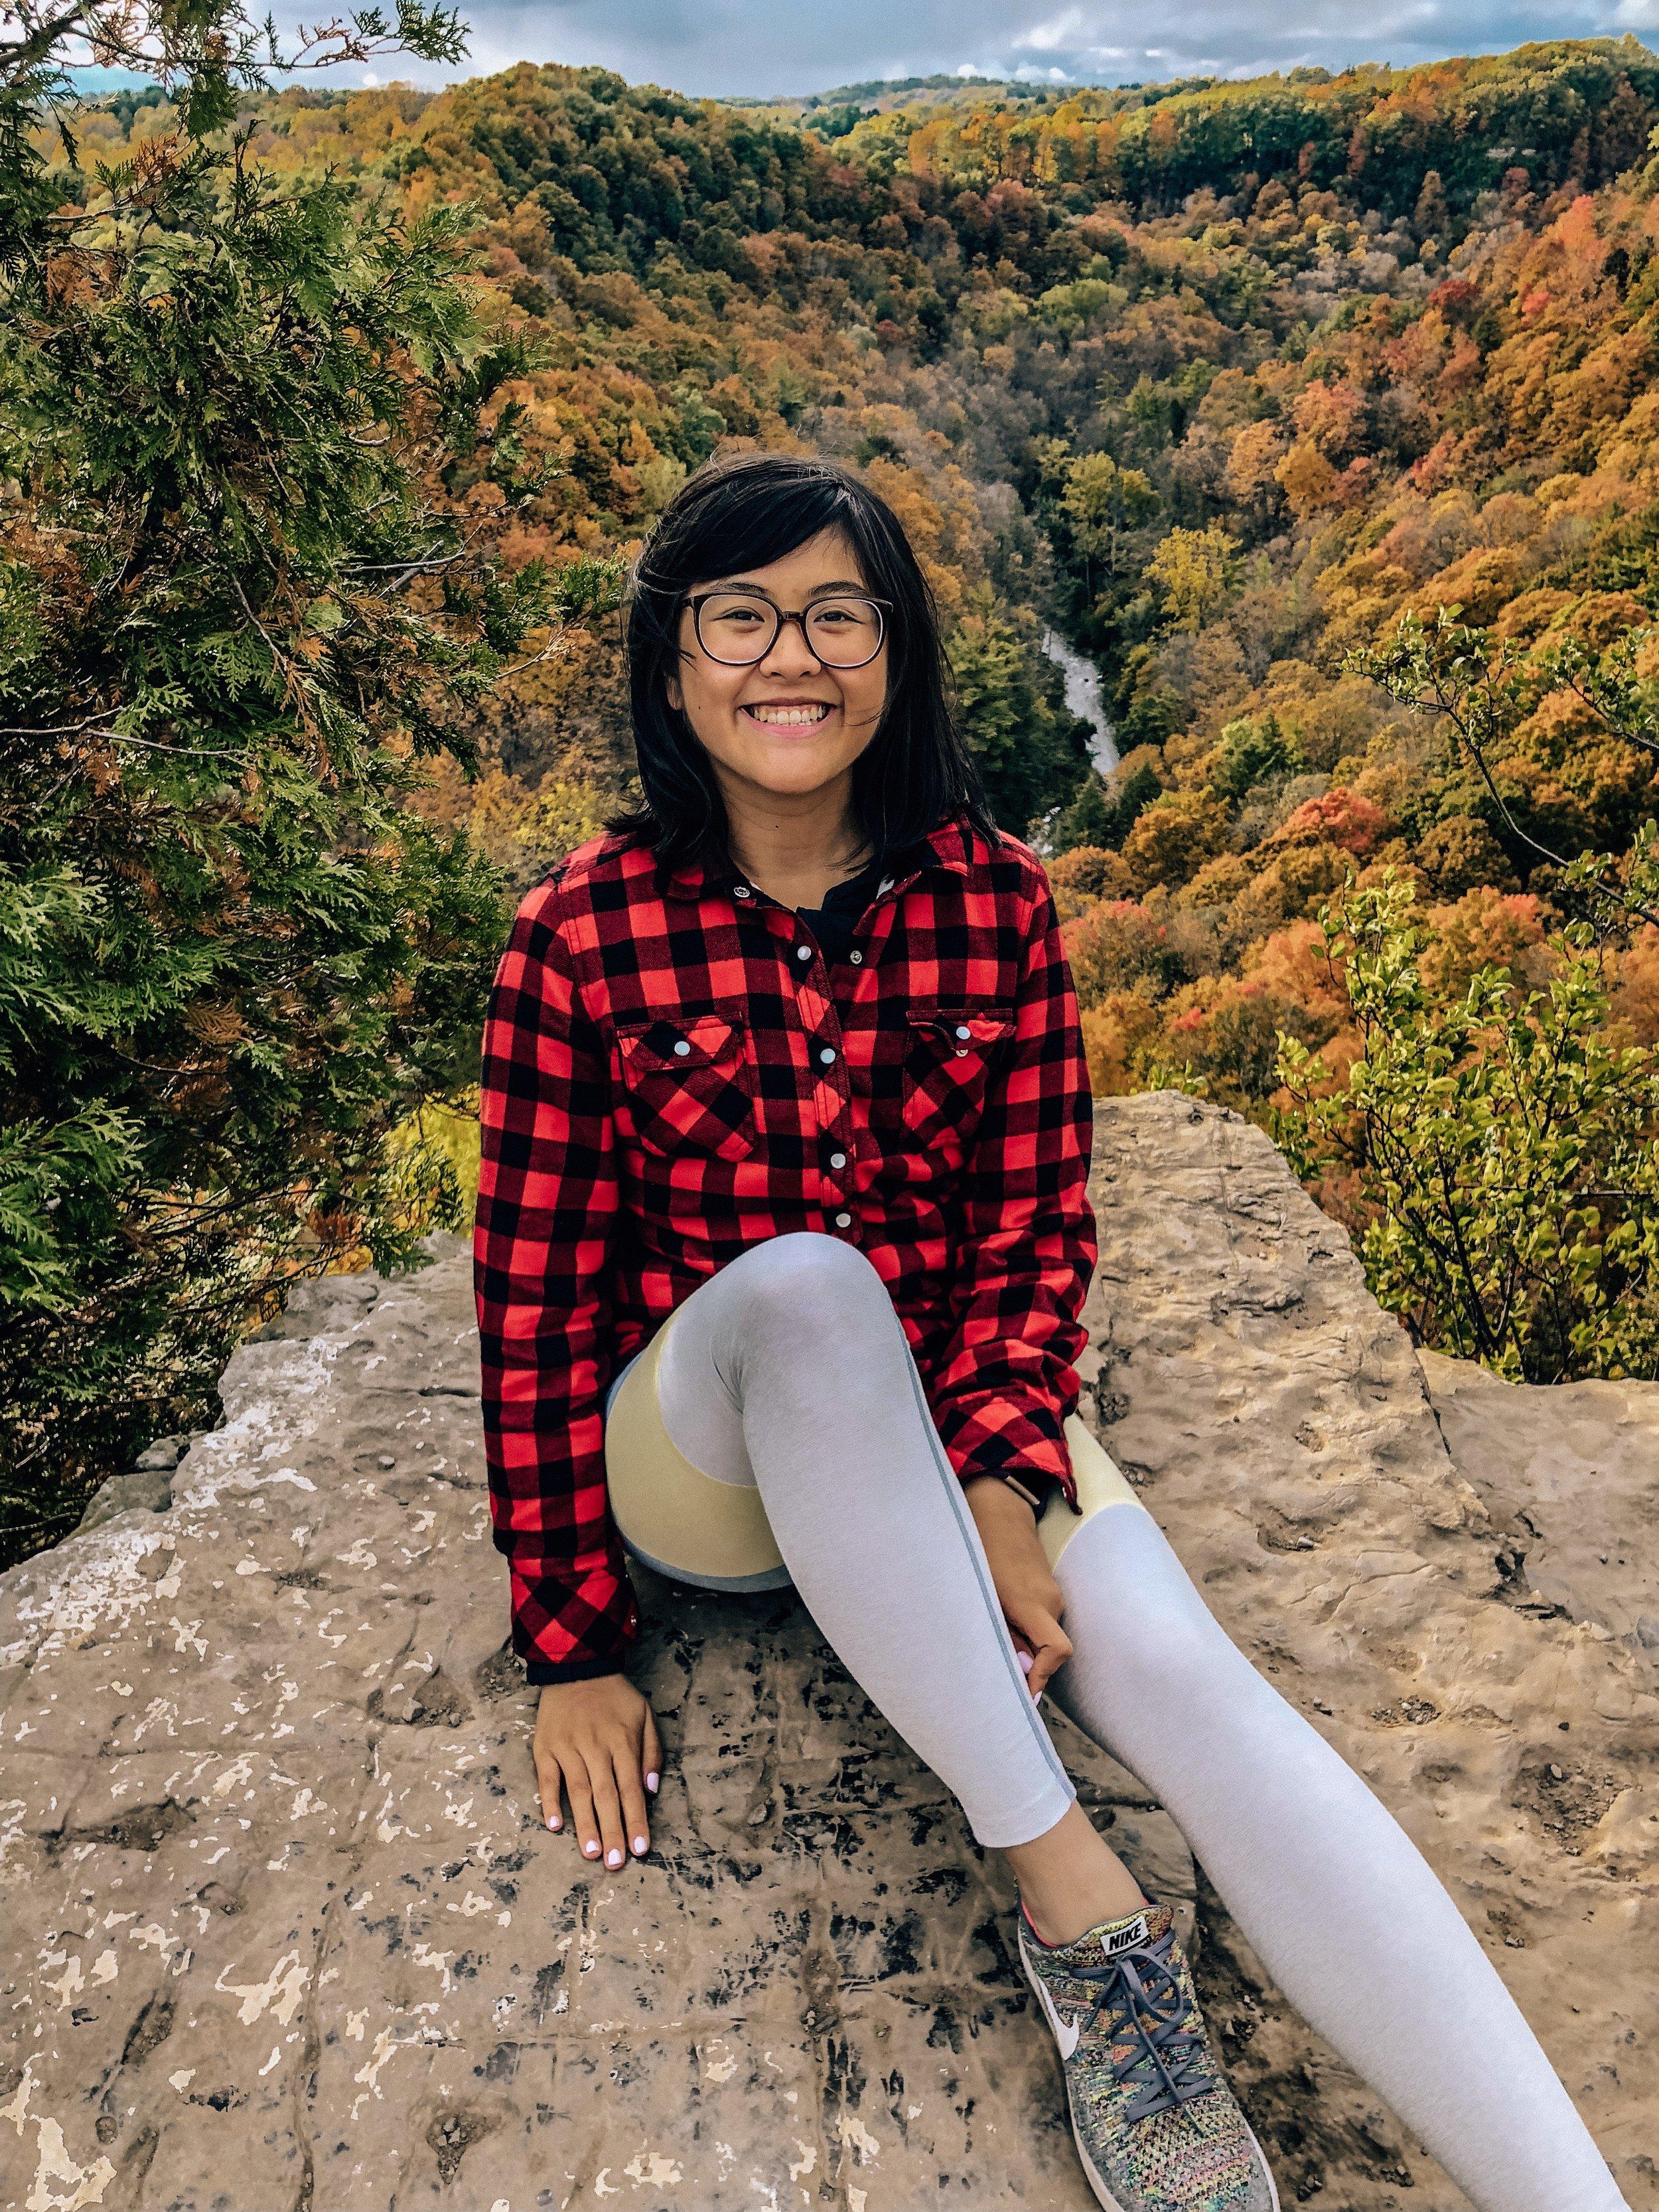 Me at Tews Falls